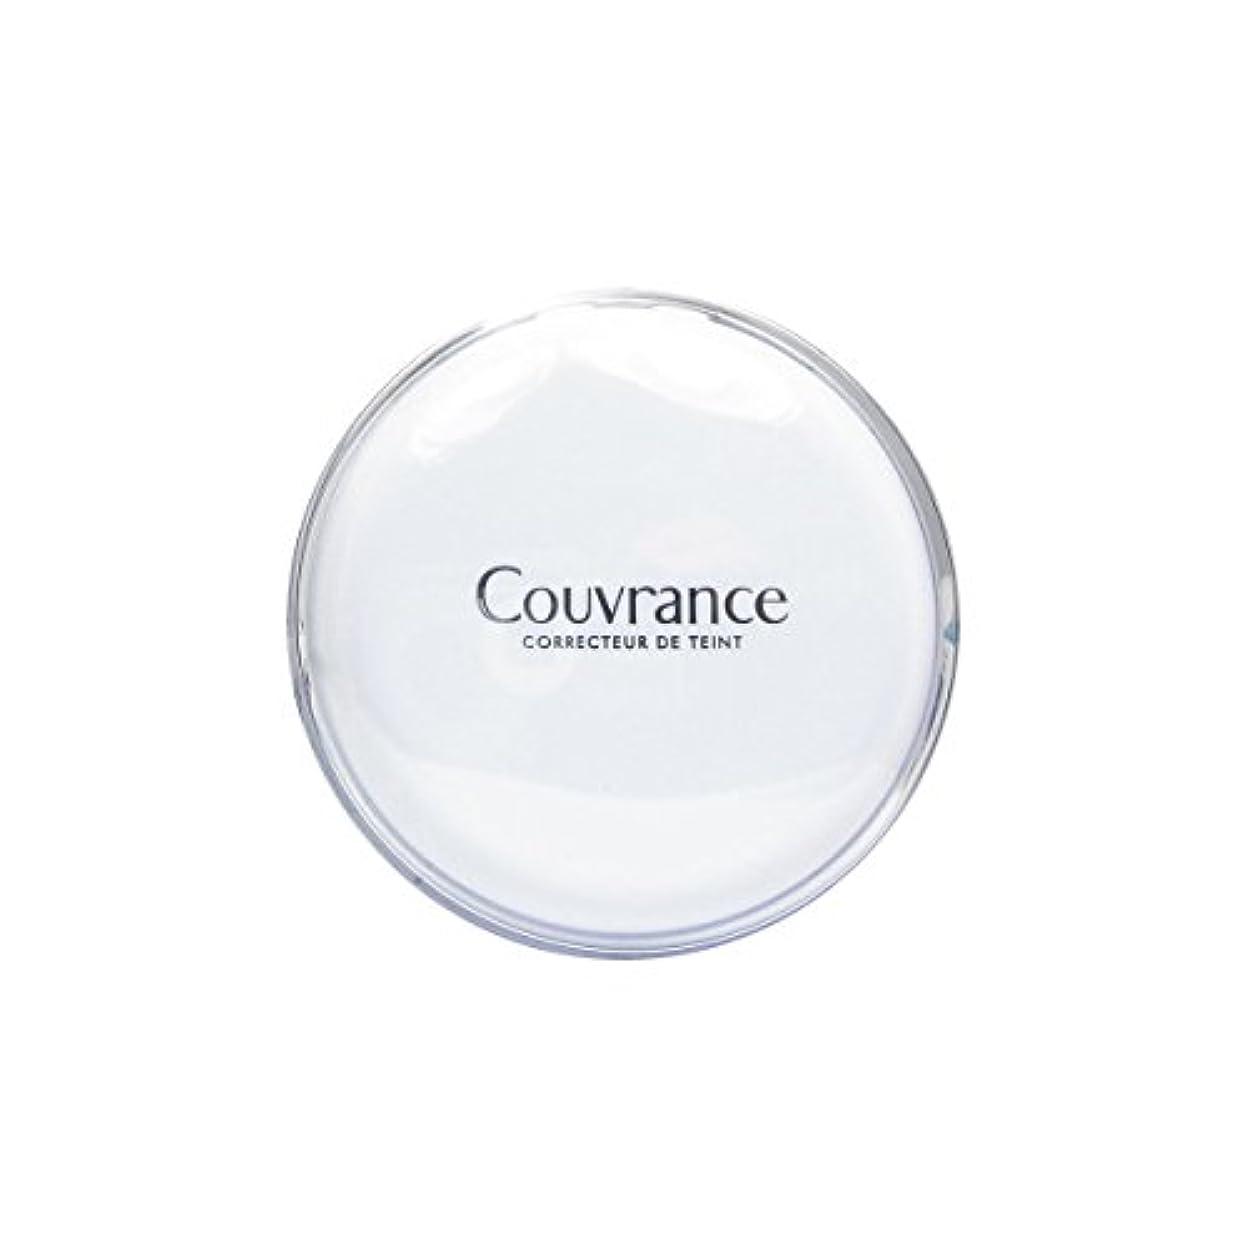 努力するシティしなやかAvene Couvrance Compact Confort Cream 2.5 Beige 10gr [並行輸入品]